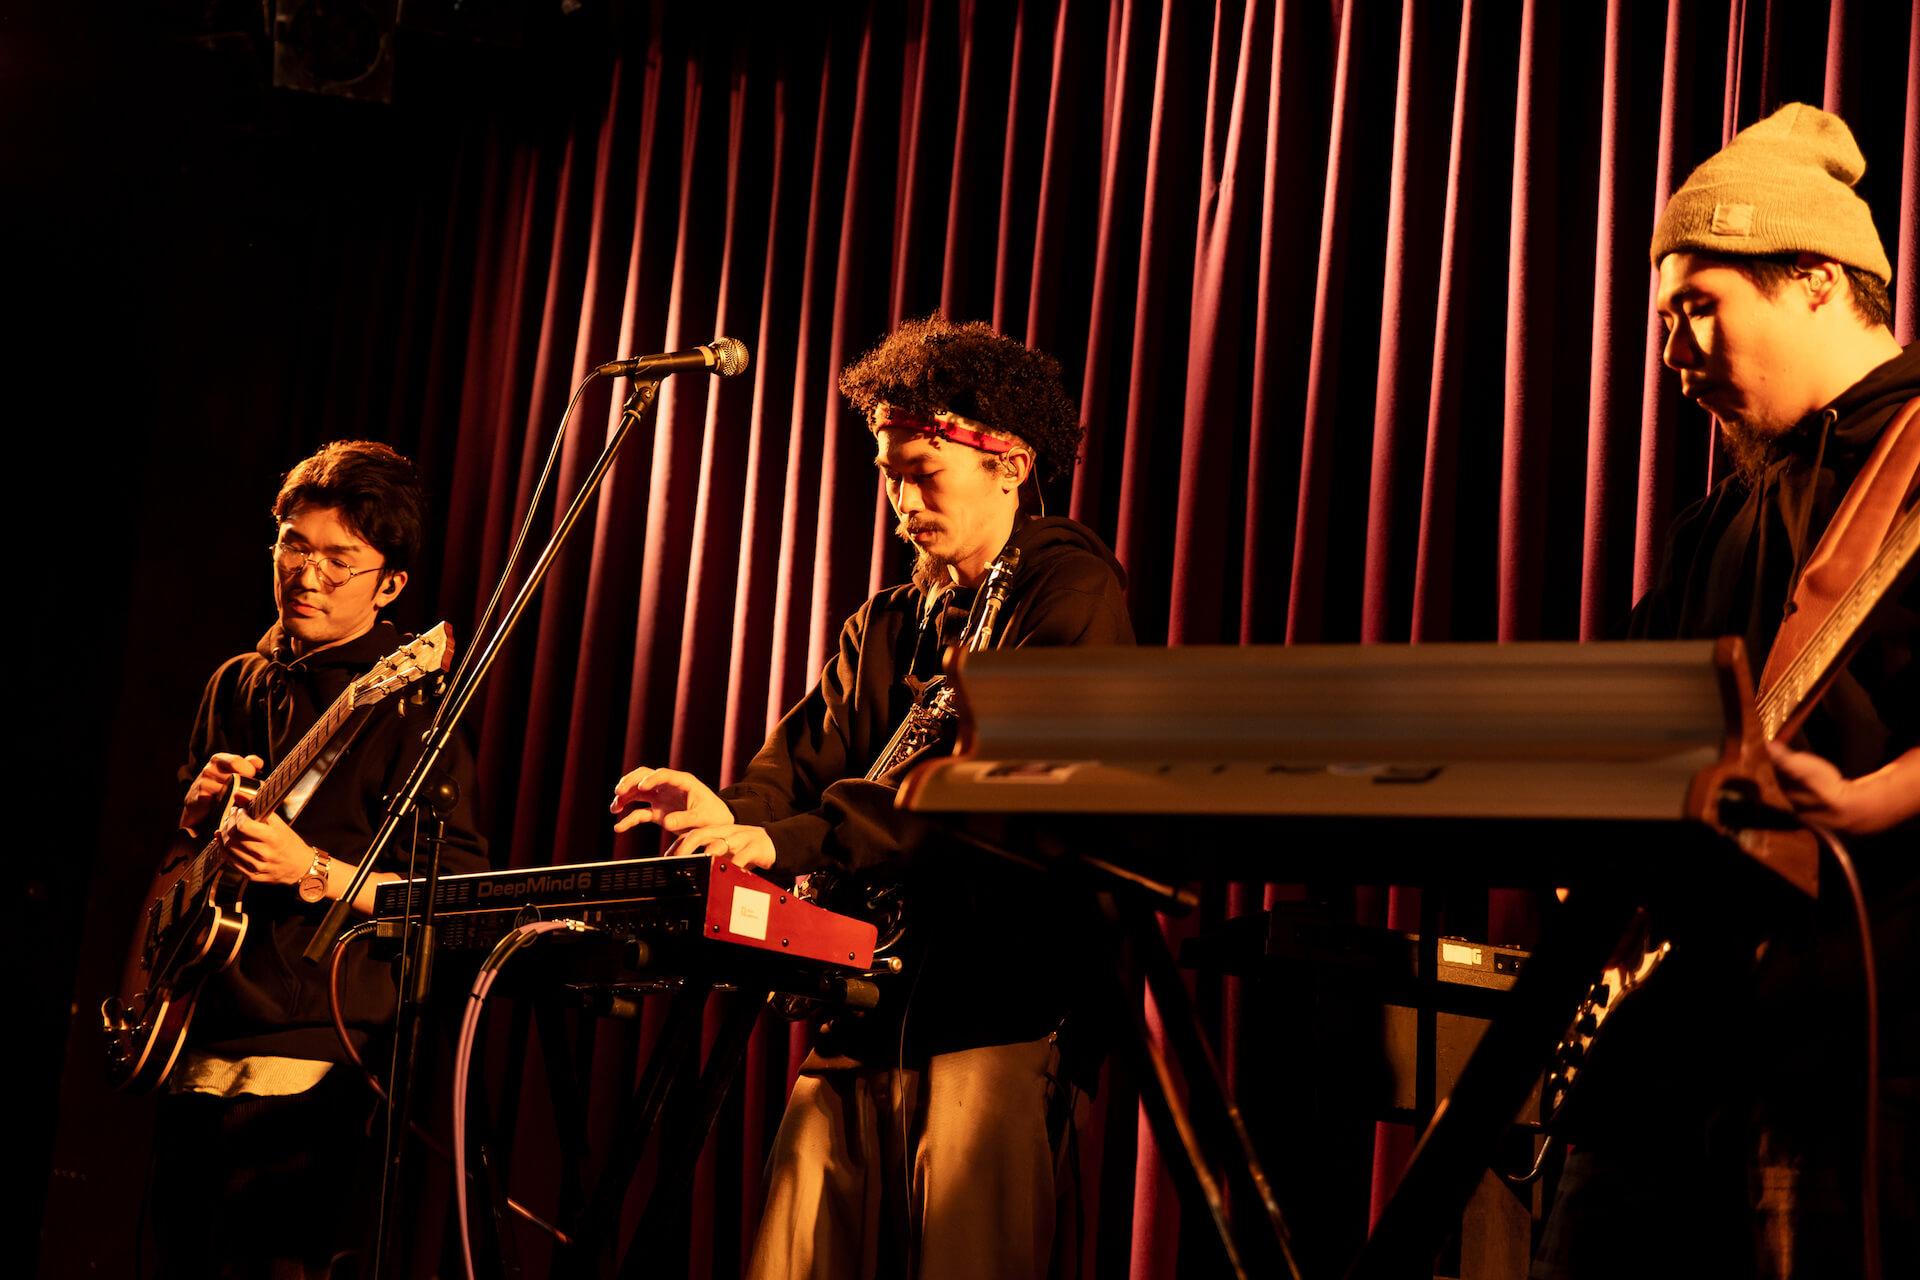 SIRUP擁する次世代アートコレクティブ・Soulflex、初のワンマンライブで地元大阪を魅了|ビルボードライブでのShin Sakiuraとのツーマンライブも発表 music_191220_soulflex2